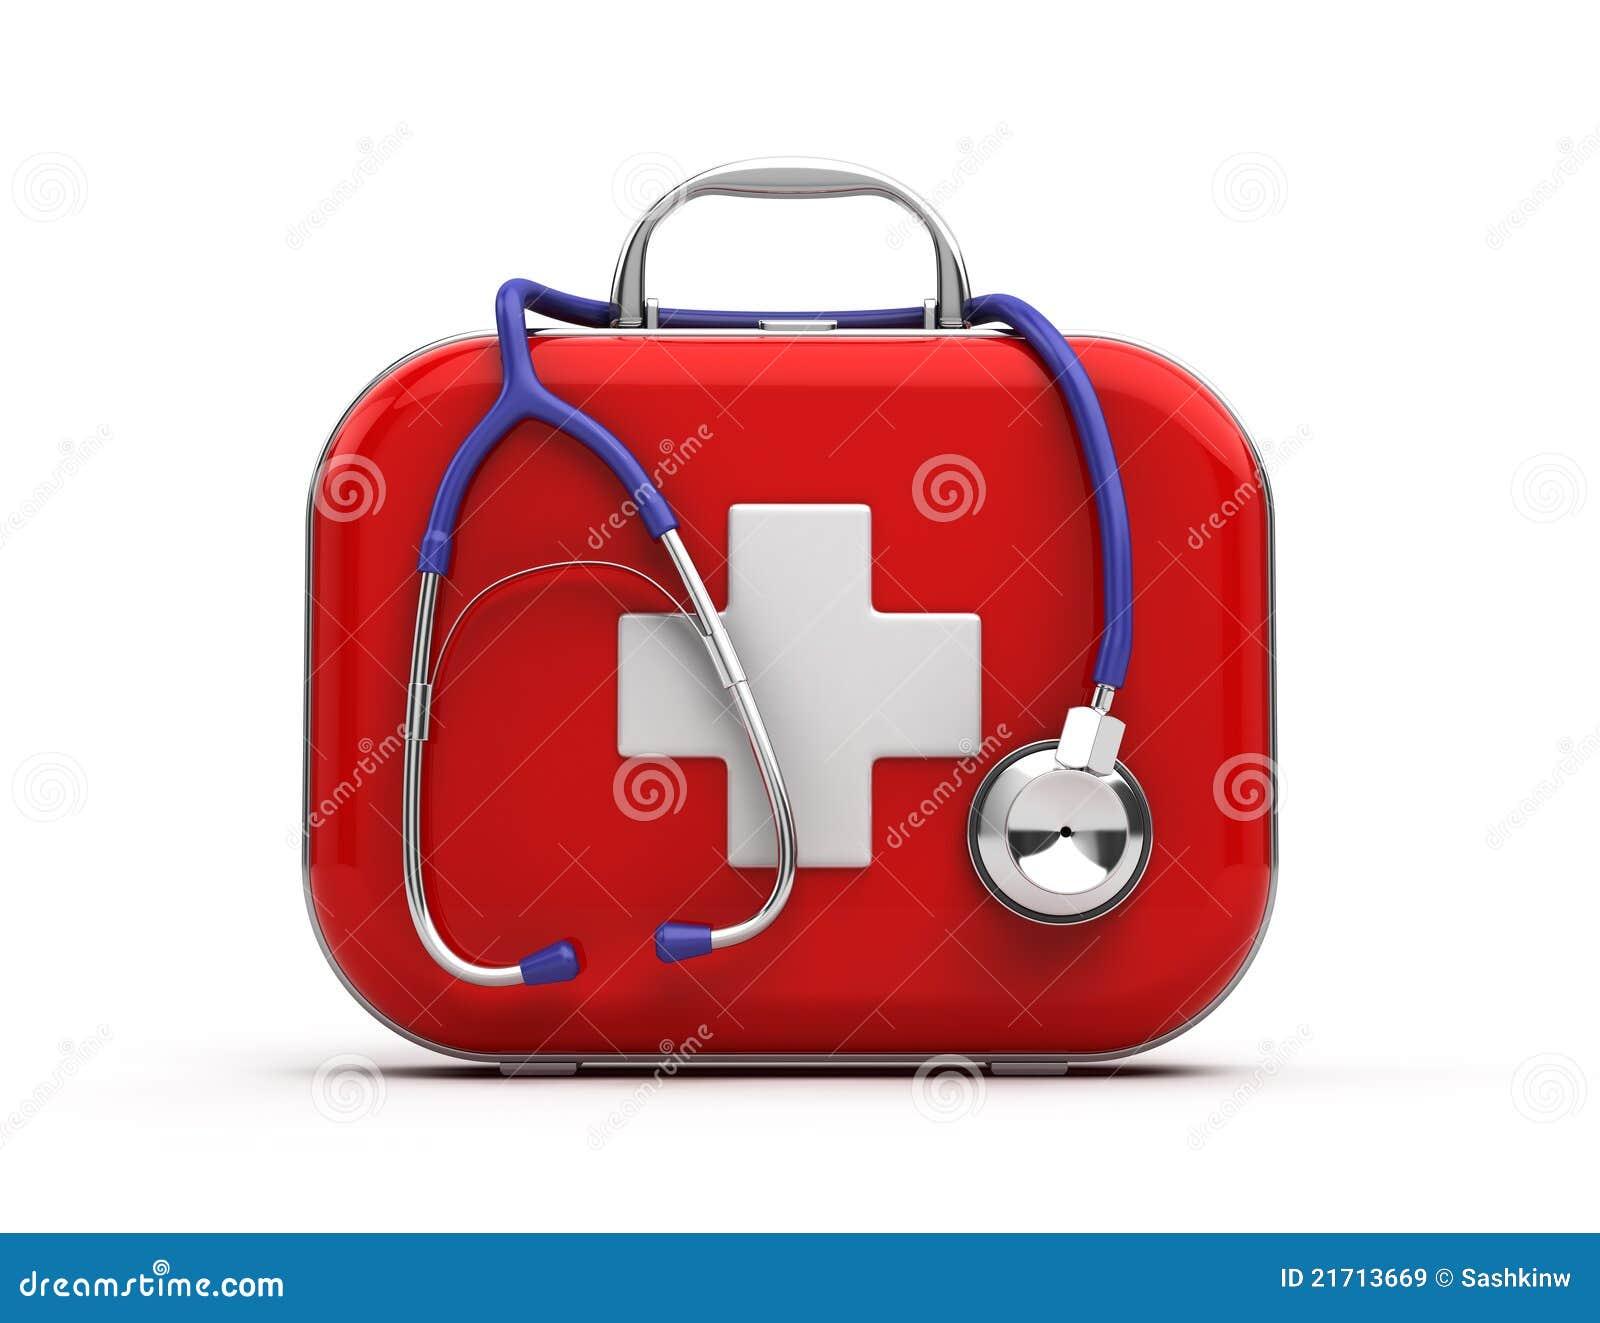 Stéthoscope et trousse de secours